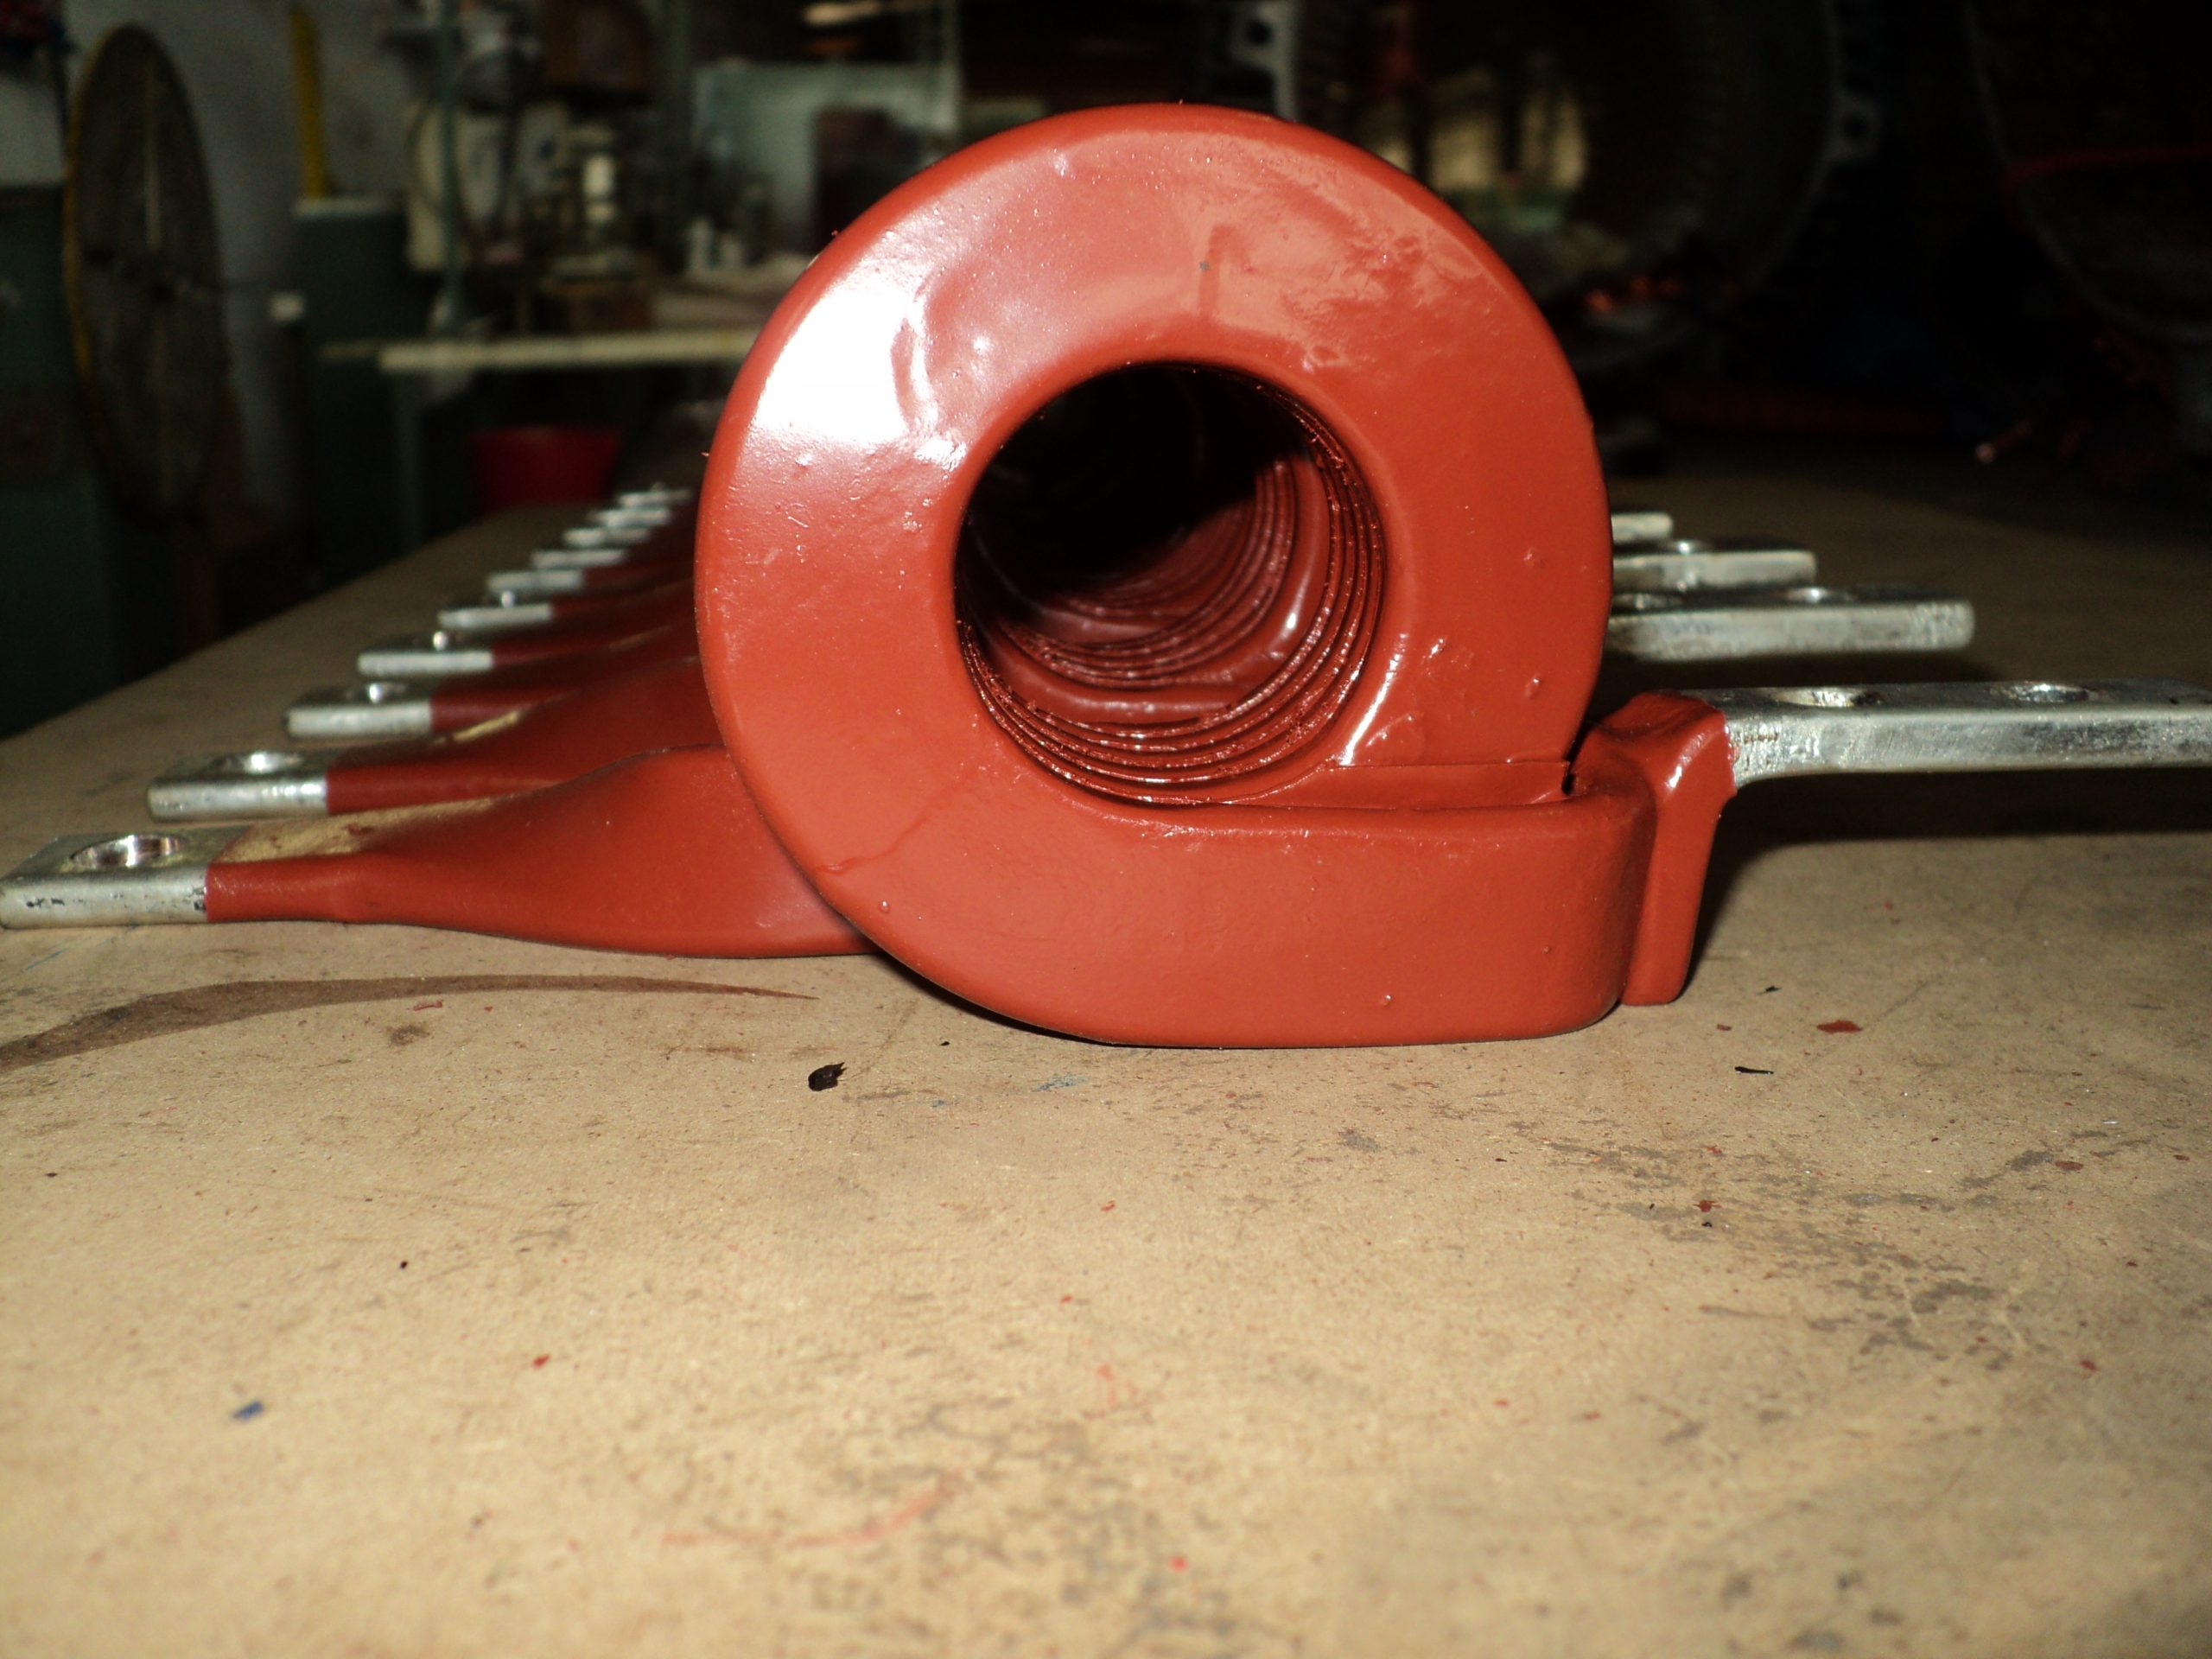 fornitura-ricambi-elettromeccanici-01132